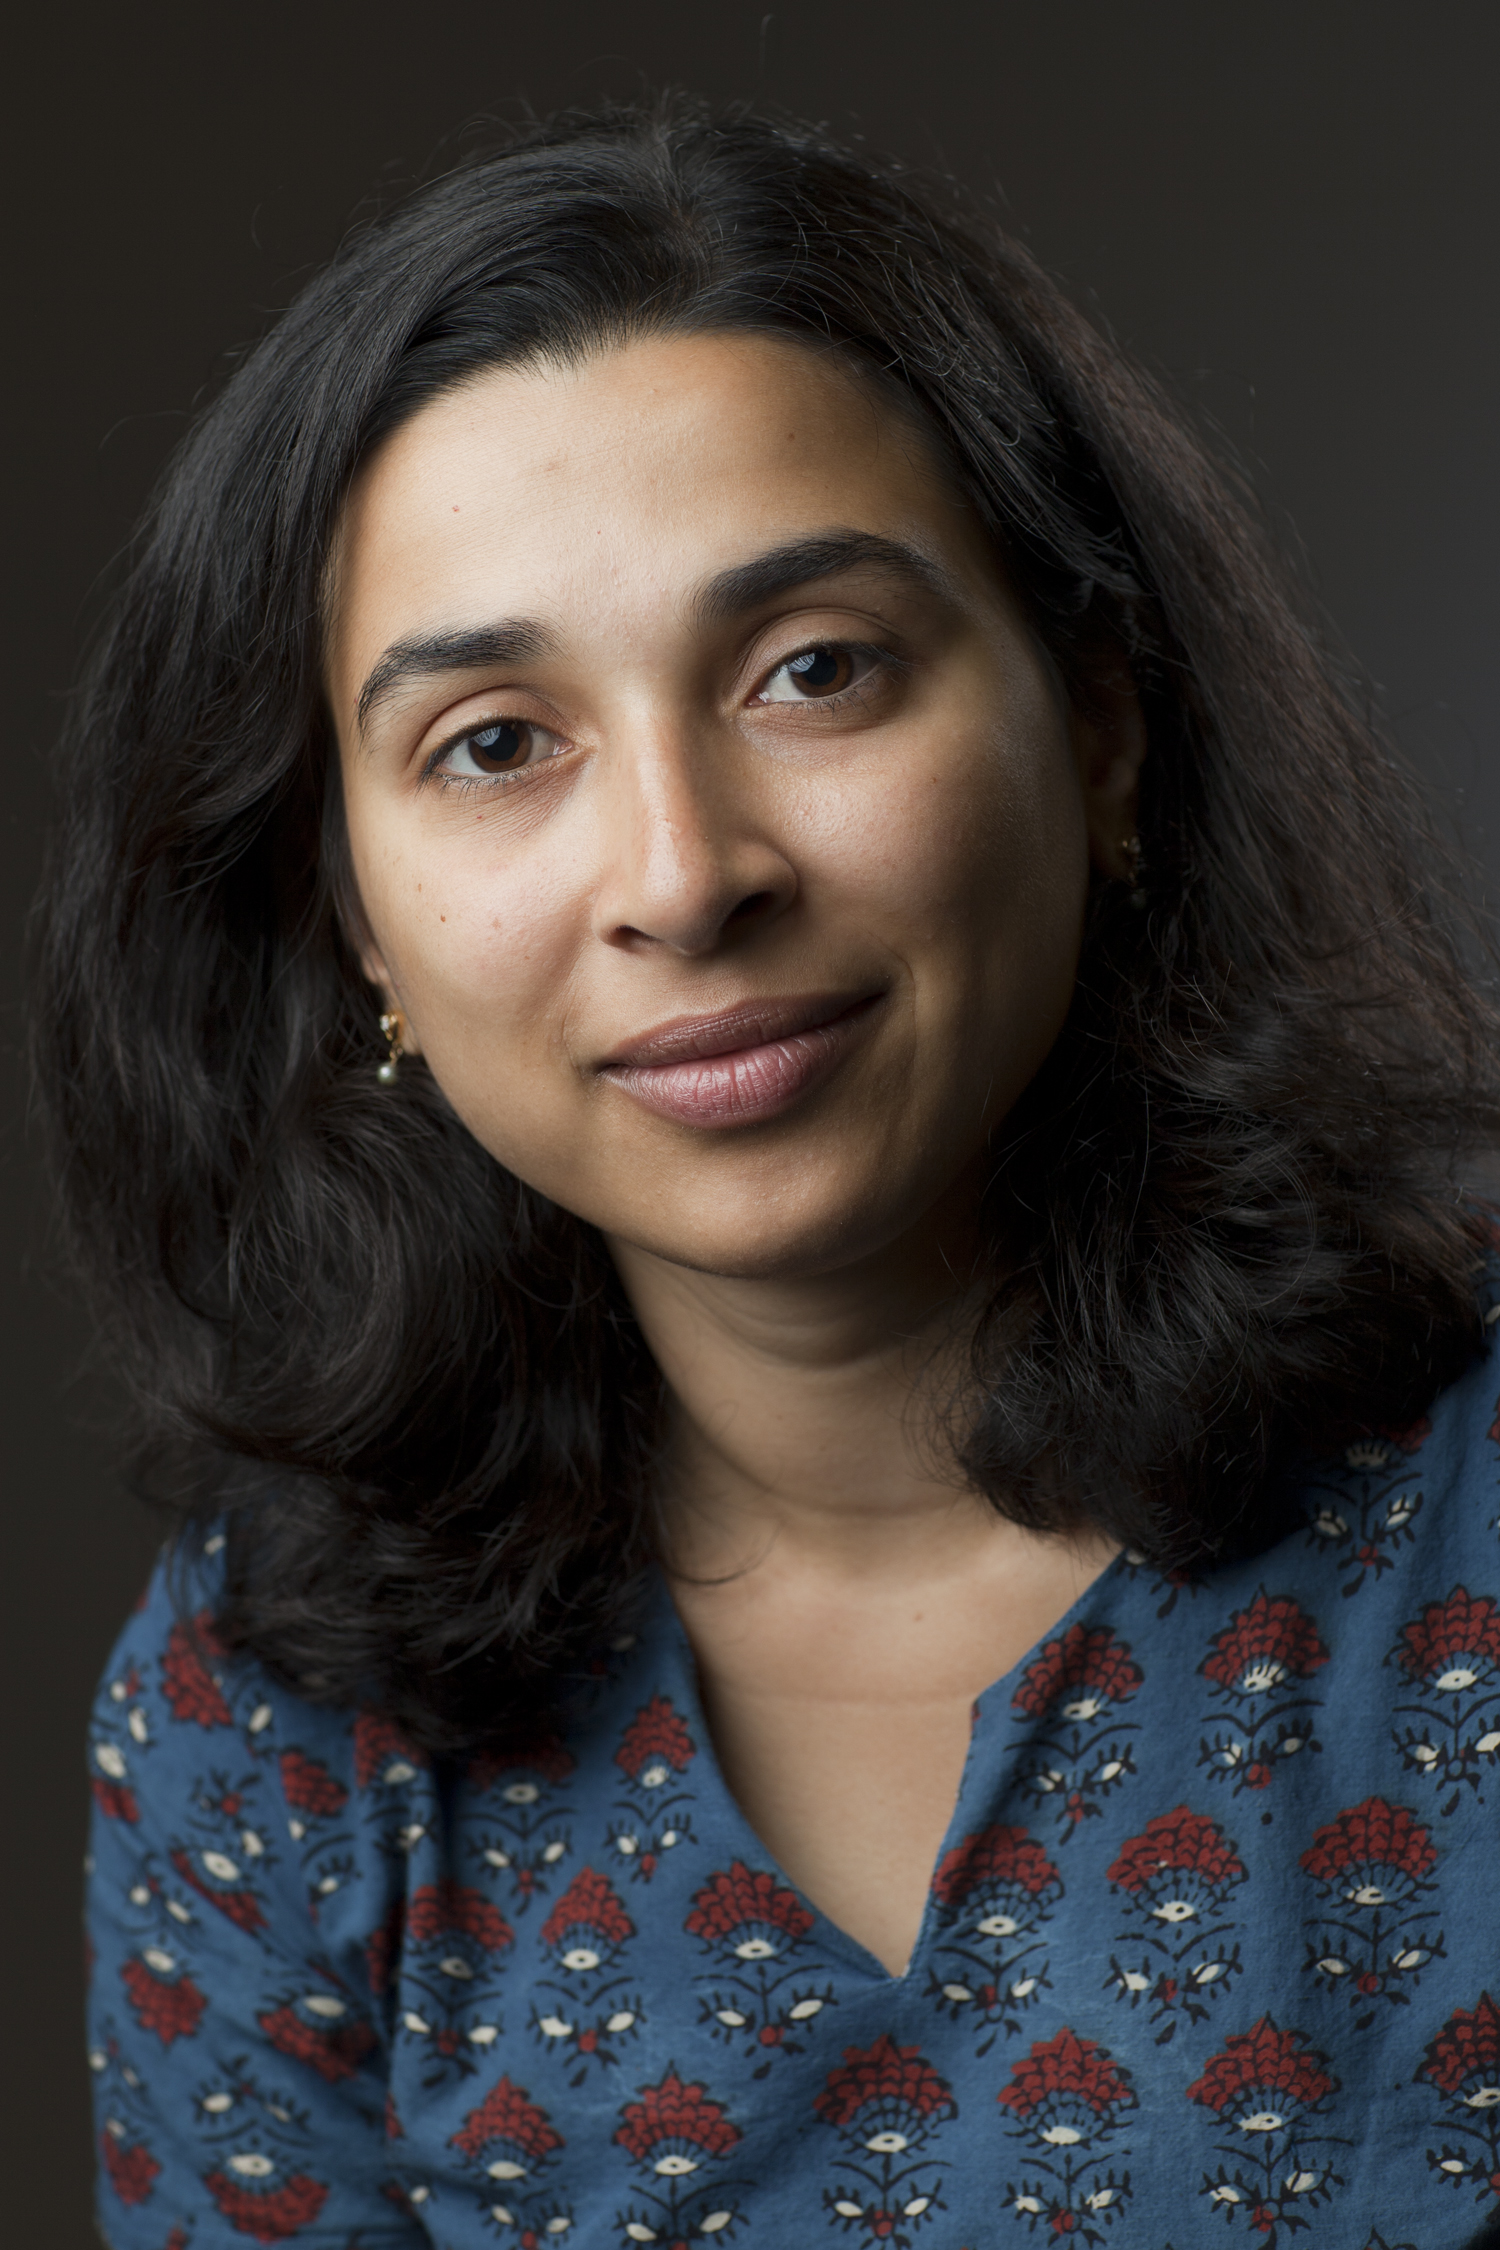 Headshot of Nandini Ananth